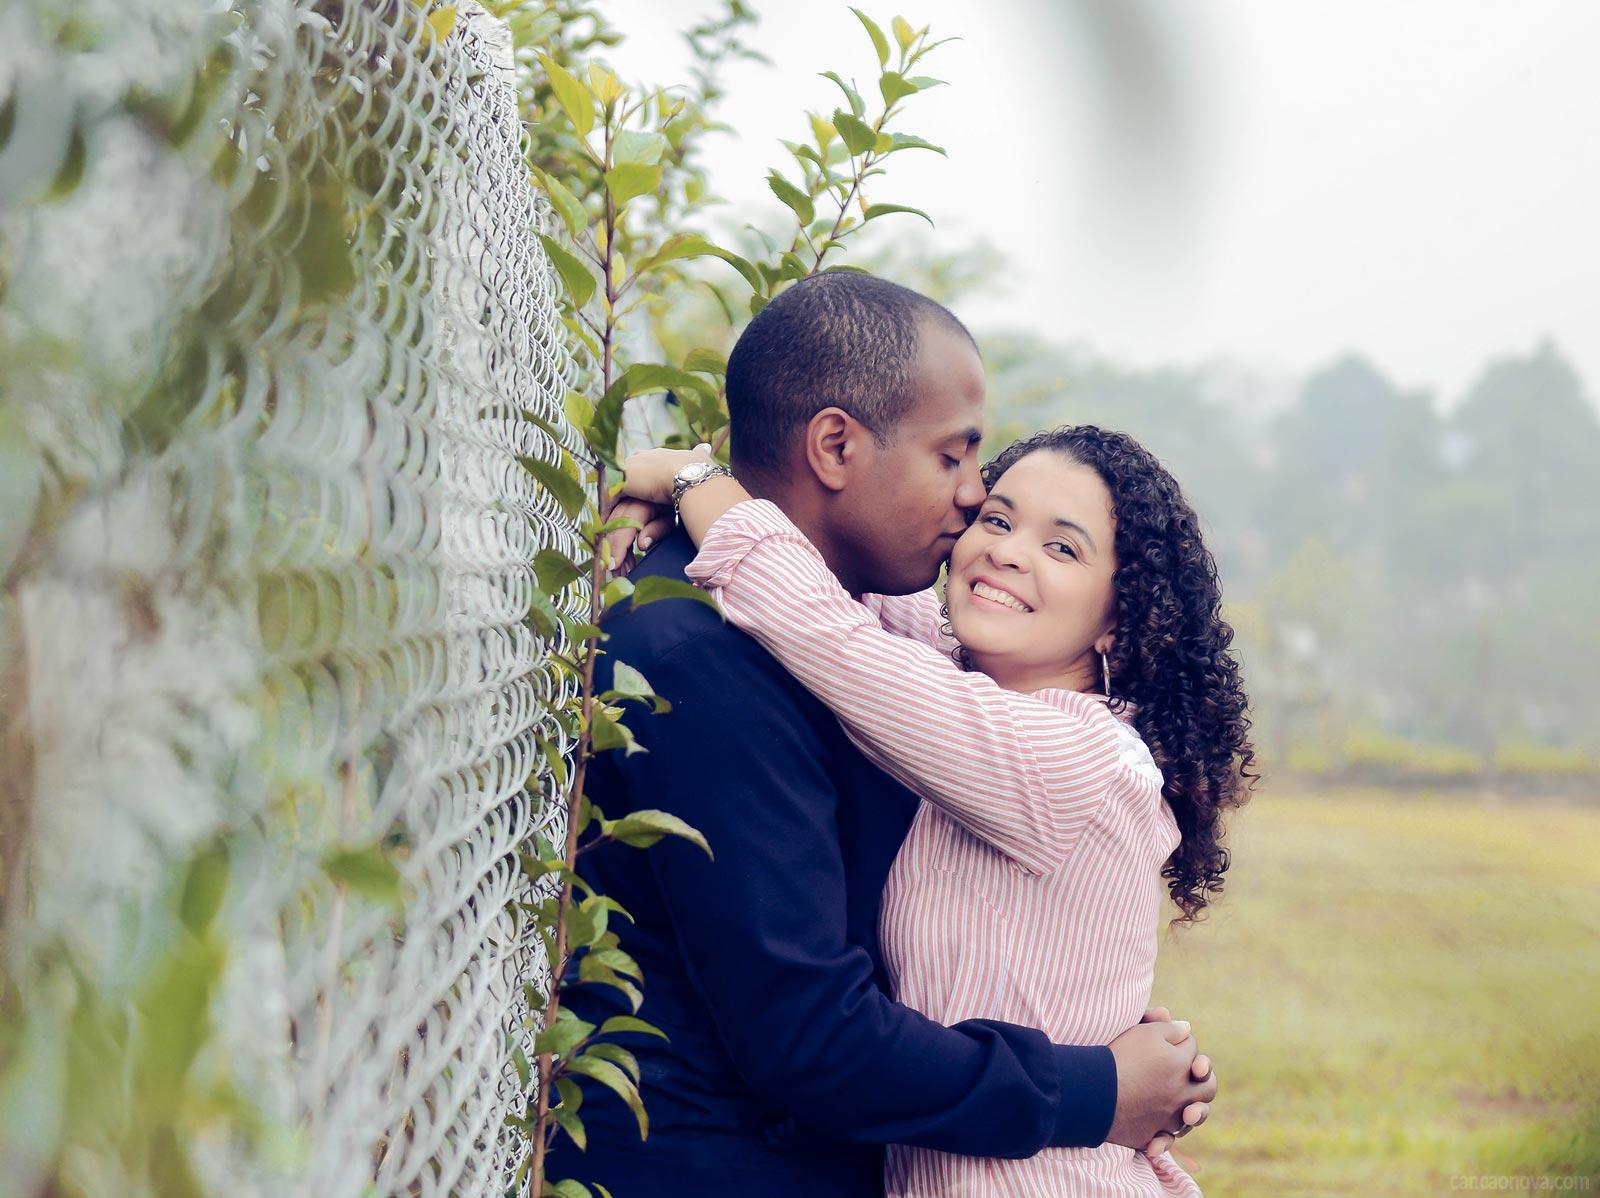 Decida amar quem decidiu compartilhar a vida com você